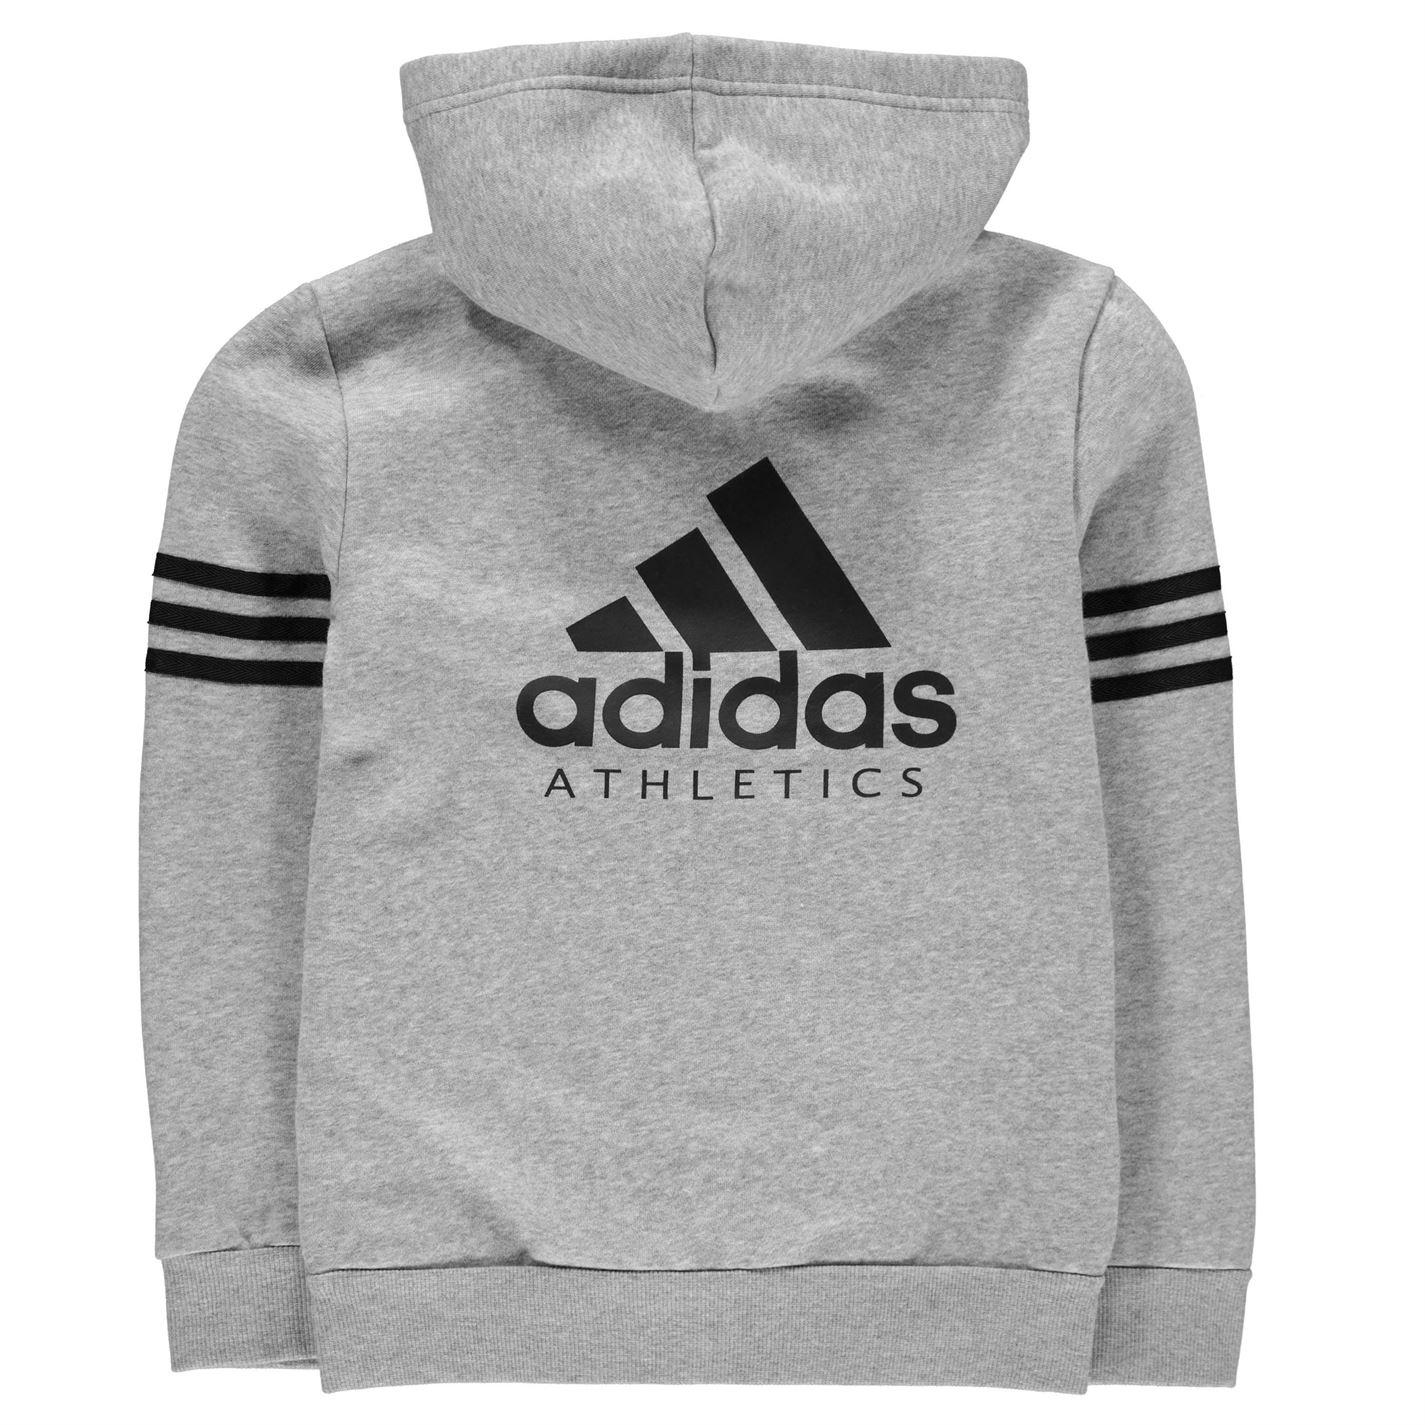 adidas Kids Boys Sport ID Zip Hoody Junior Hoodie Hooded Top Long ... 7c3e43ece7bc